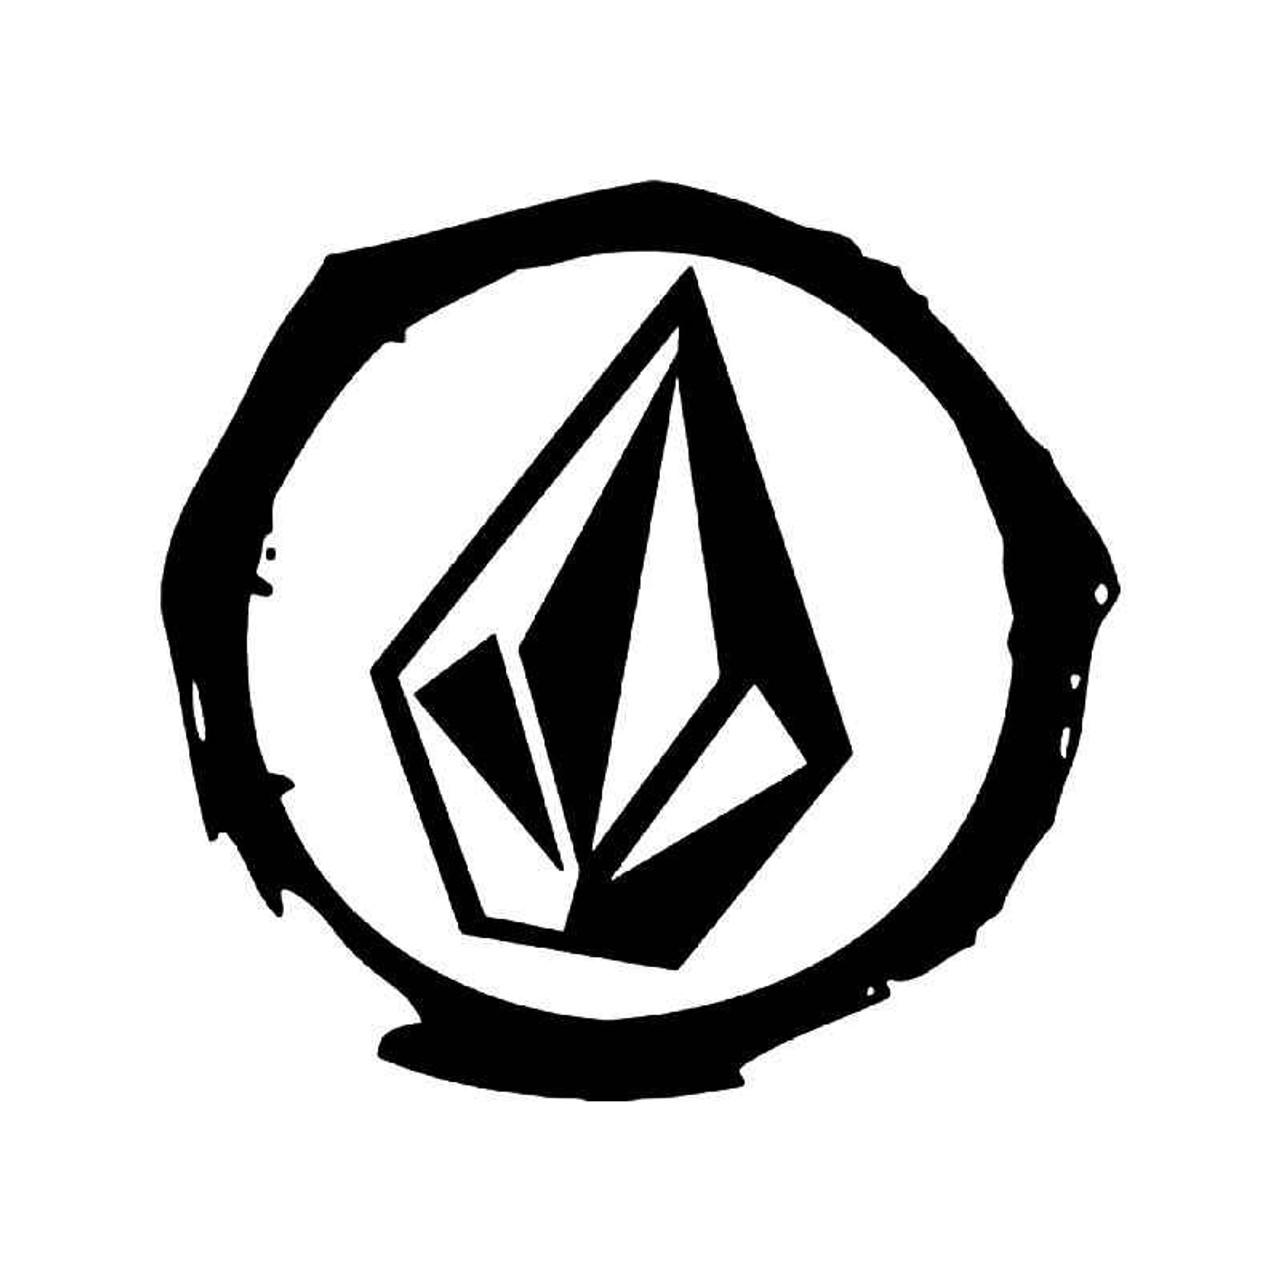 volcom diamond logo 4 vinyl sticker rh blipfuzz com